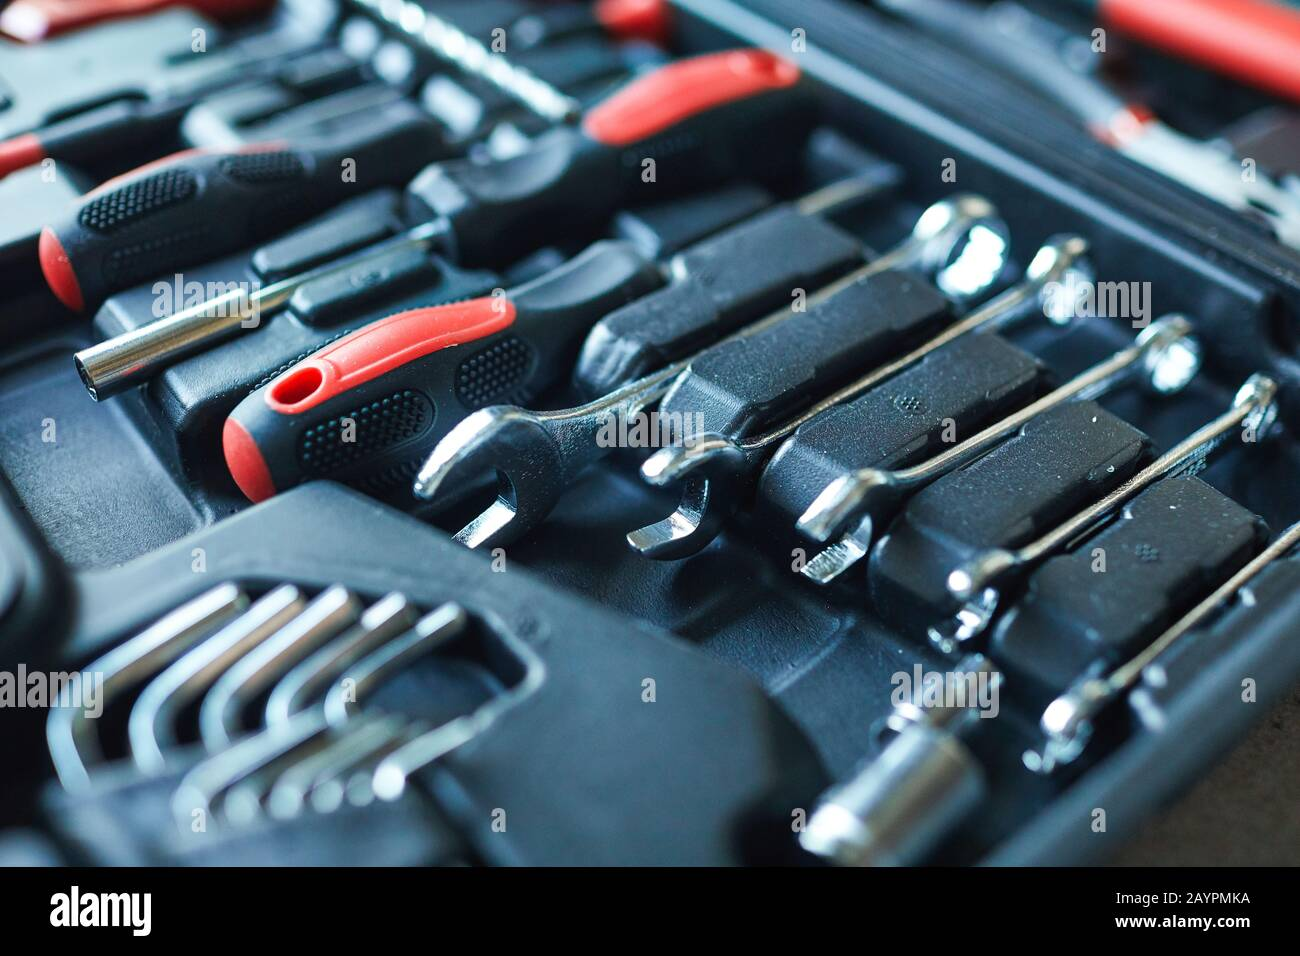 Nahaufnahme des schwarzen offenen Werkzeugkastens mit Schraubendrehersatz auf der Baustelle, Kopierraum Stockfoto